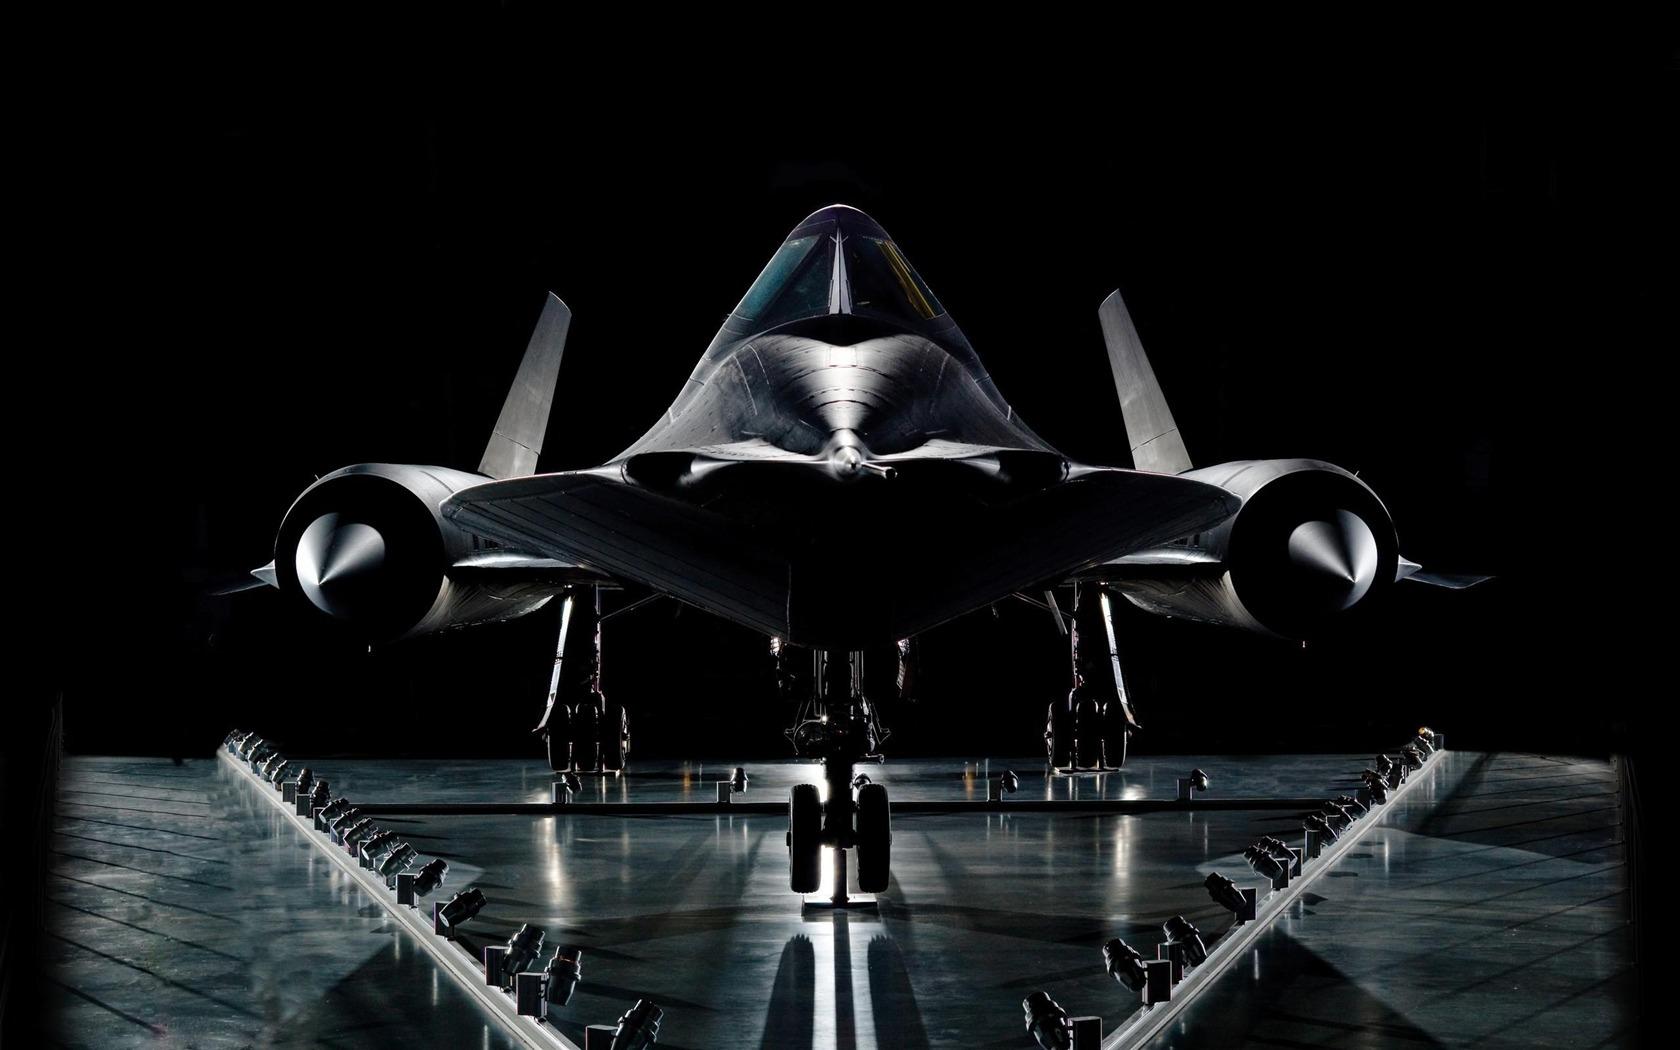 SR 71 (航空機)の画像 p1_30